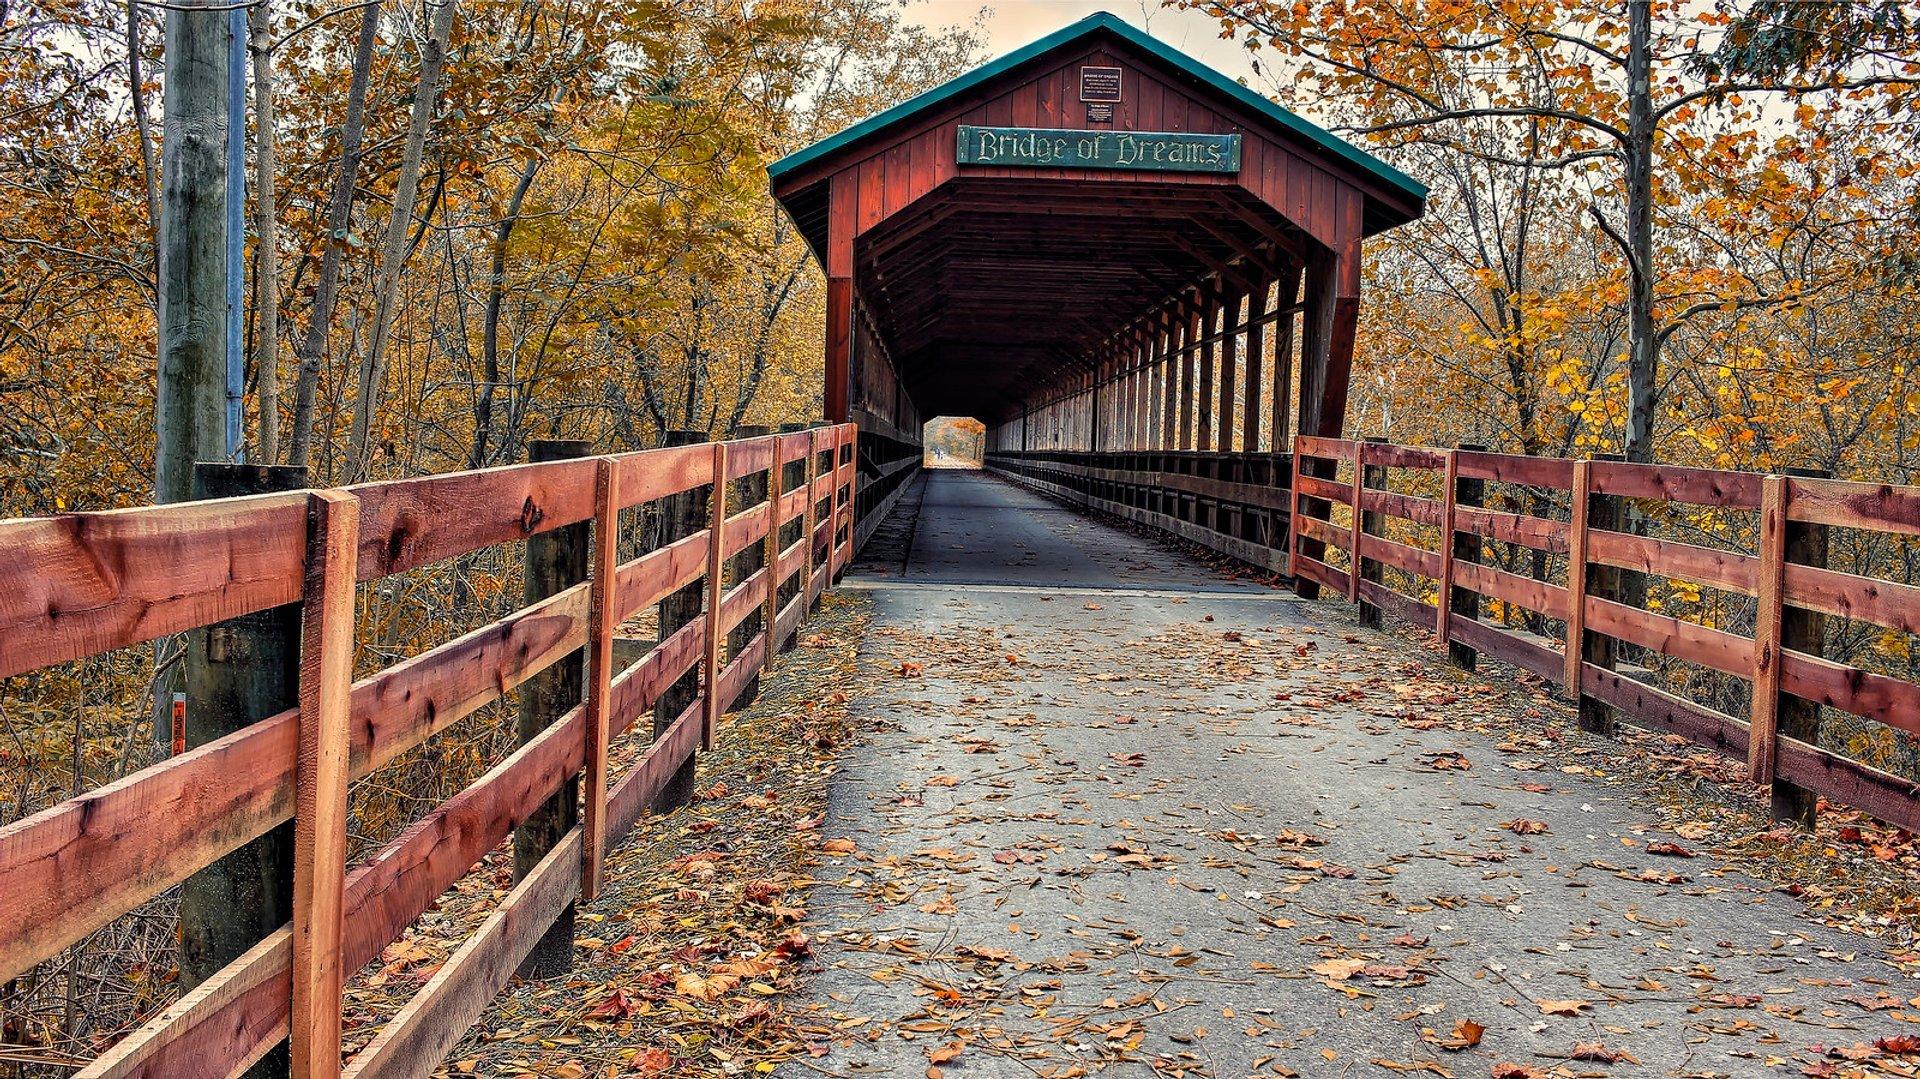 The Bridge of Dreams near Danville, Ohio 2020